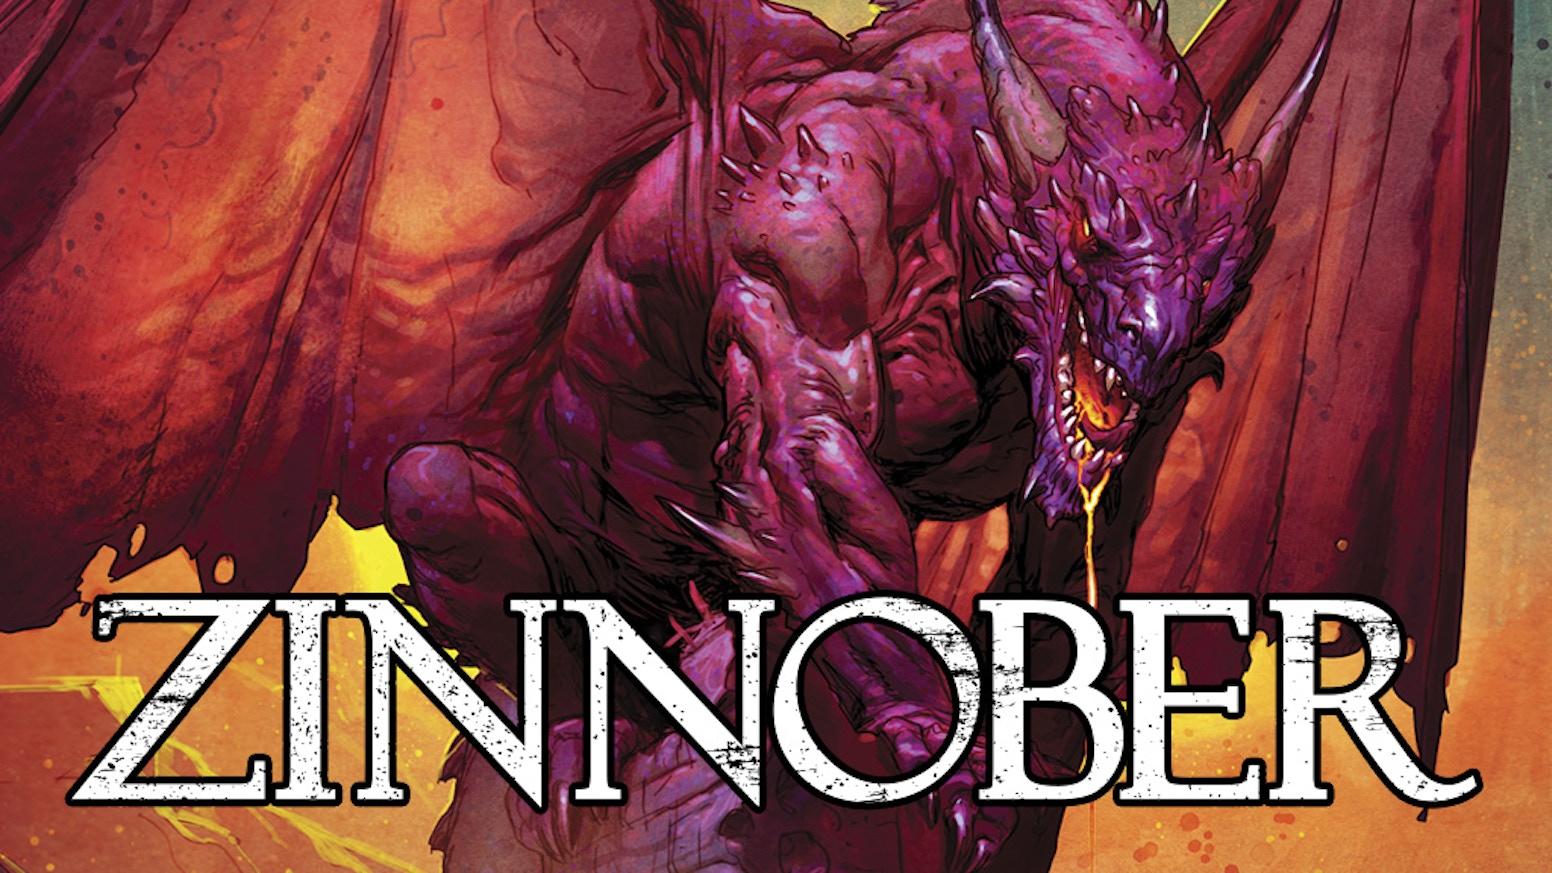 Zinnober, Hardcover Comic -deutsch- Die Welt wurde von Drachen verwüstet. Claire will Rache und dieses Ziel verfolgt sie rücksichtslos.